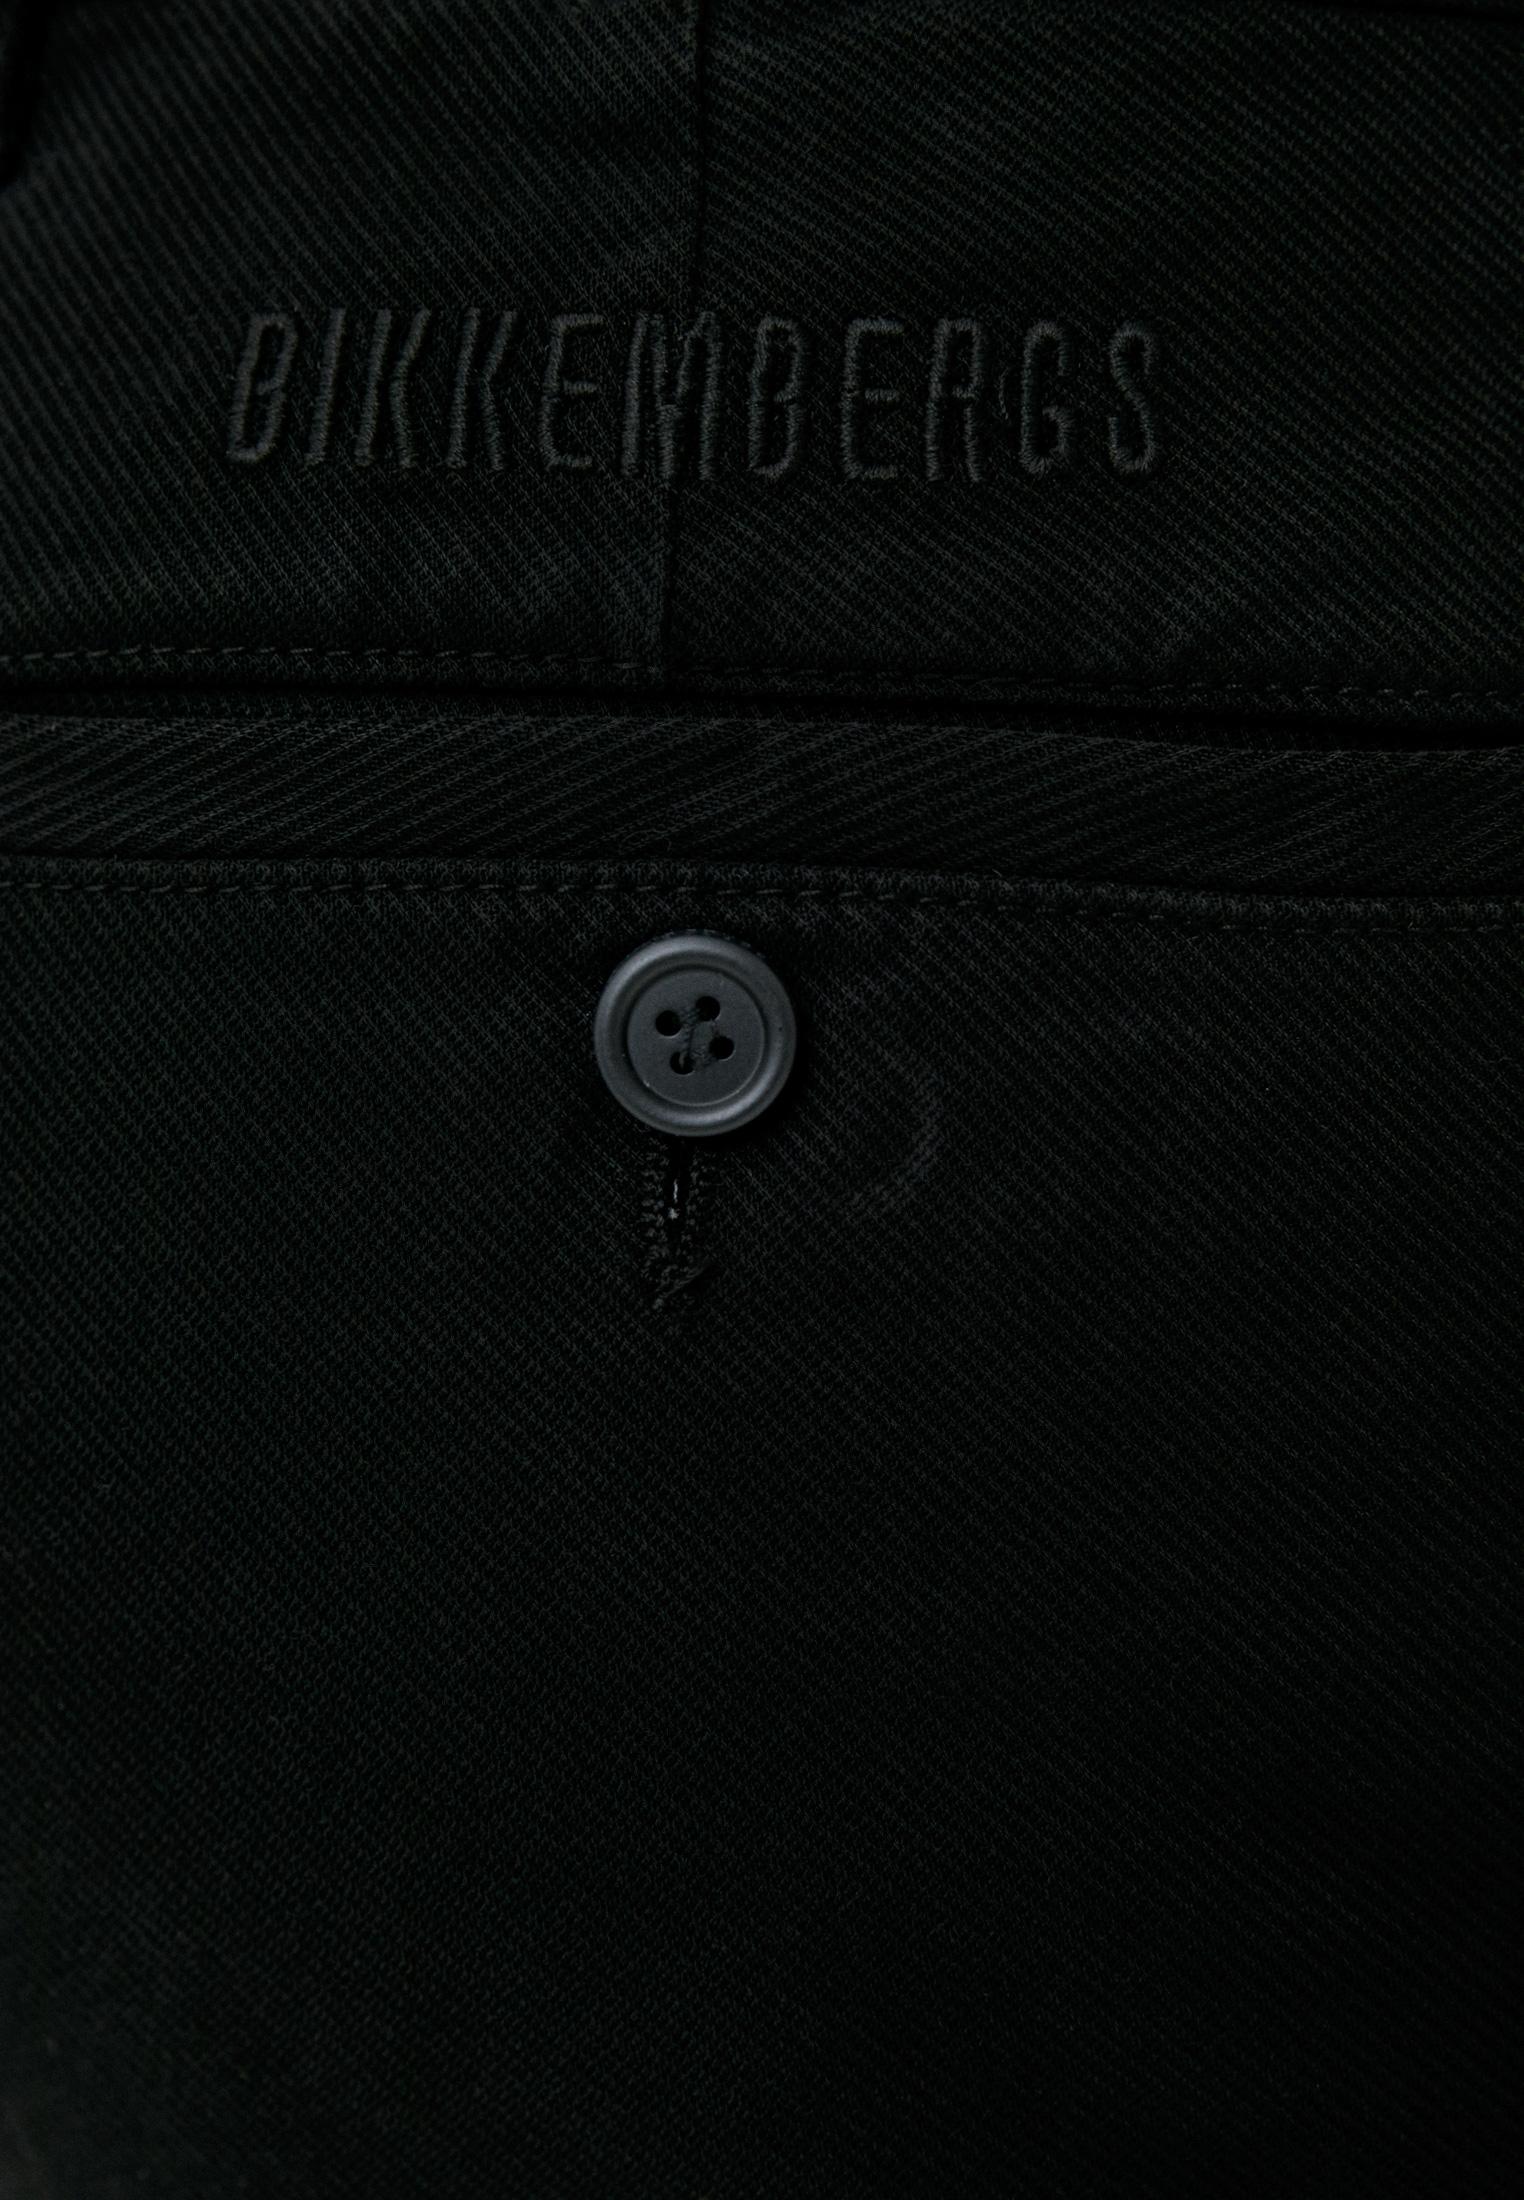 Мужские повседневные брюки Bikkembergs (Биккембергс) C P 001 04 S 3472: изображение 5